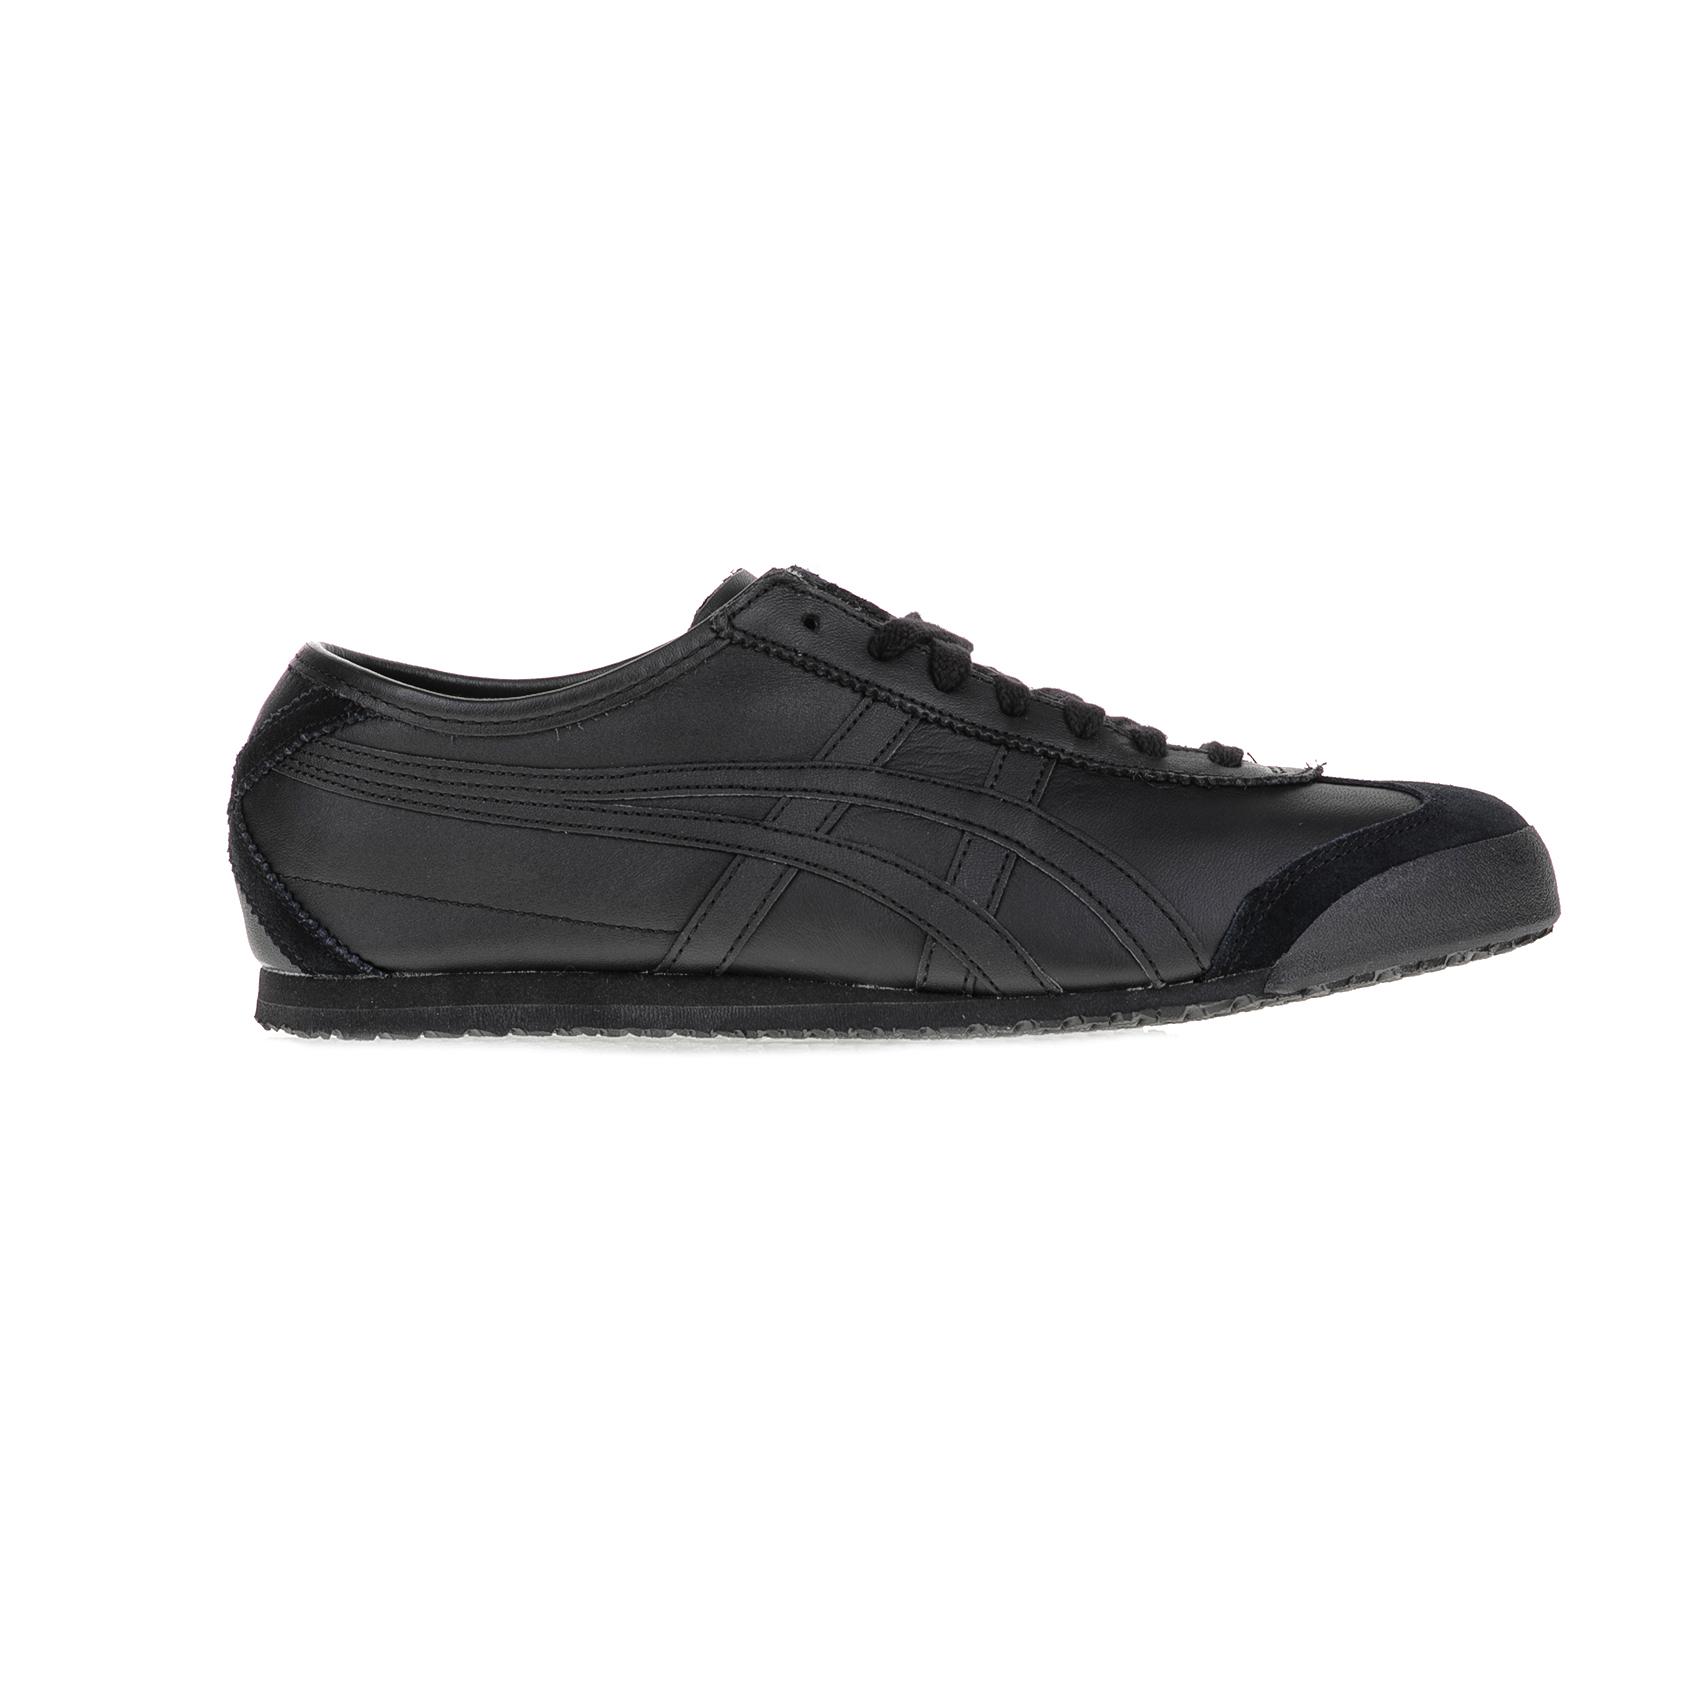 ASICS – Unisex αθλητικά παπούτσια ASICS MEXICO 66 μαύρα